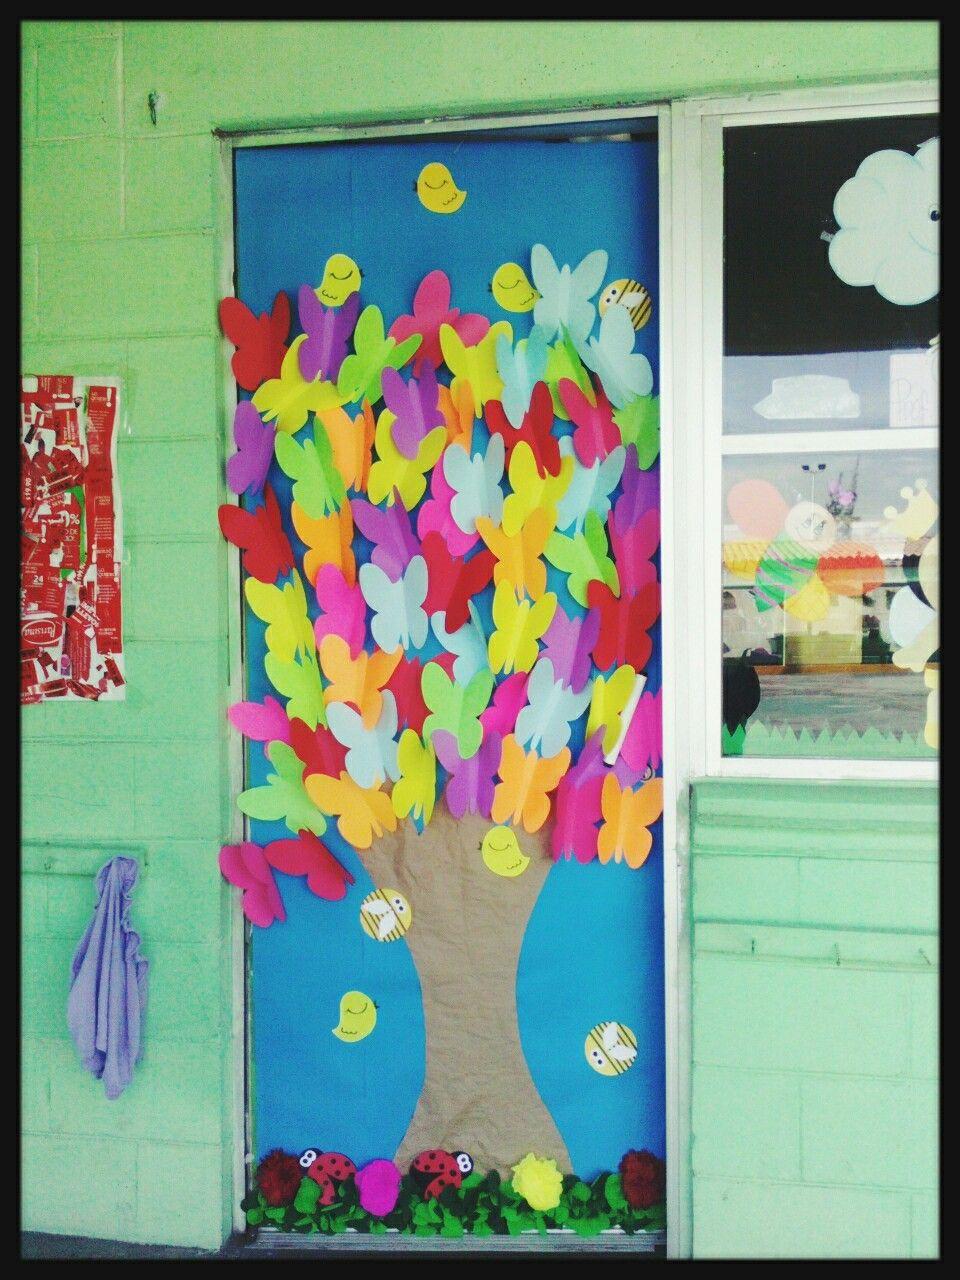 Puerta con mariposas de colores primavera puertas for Puertas decoradas con flores de papel